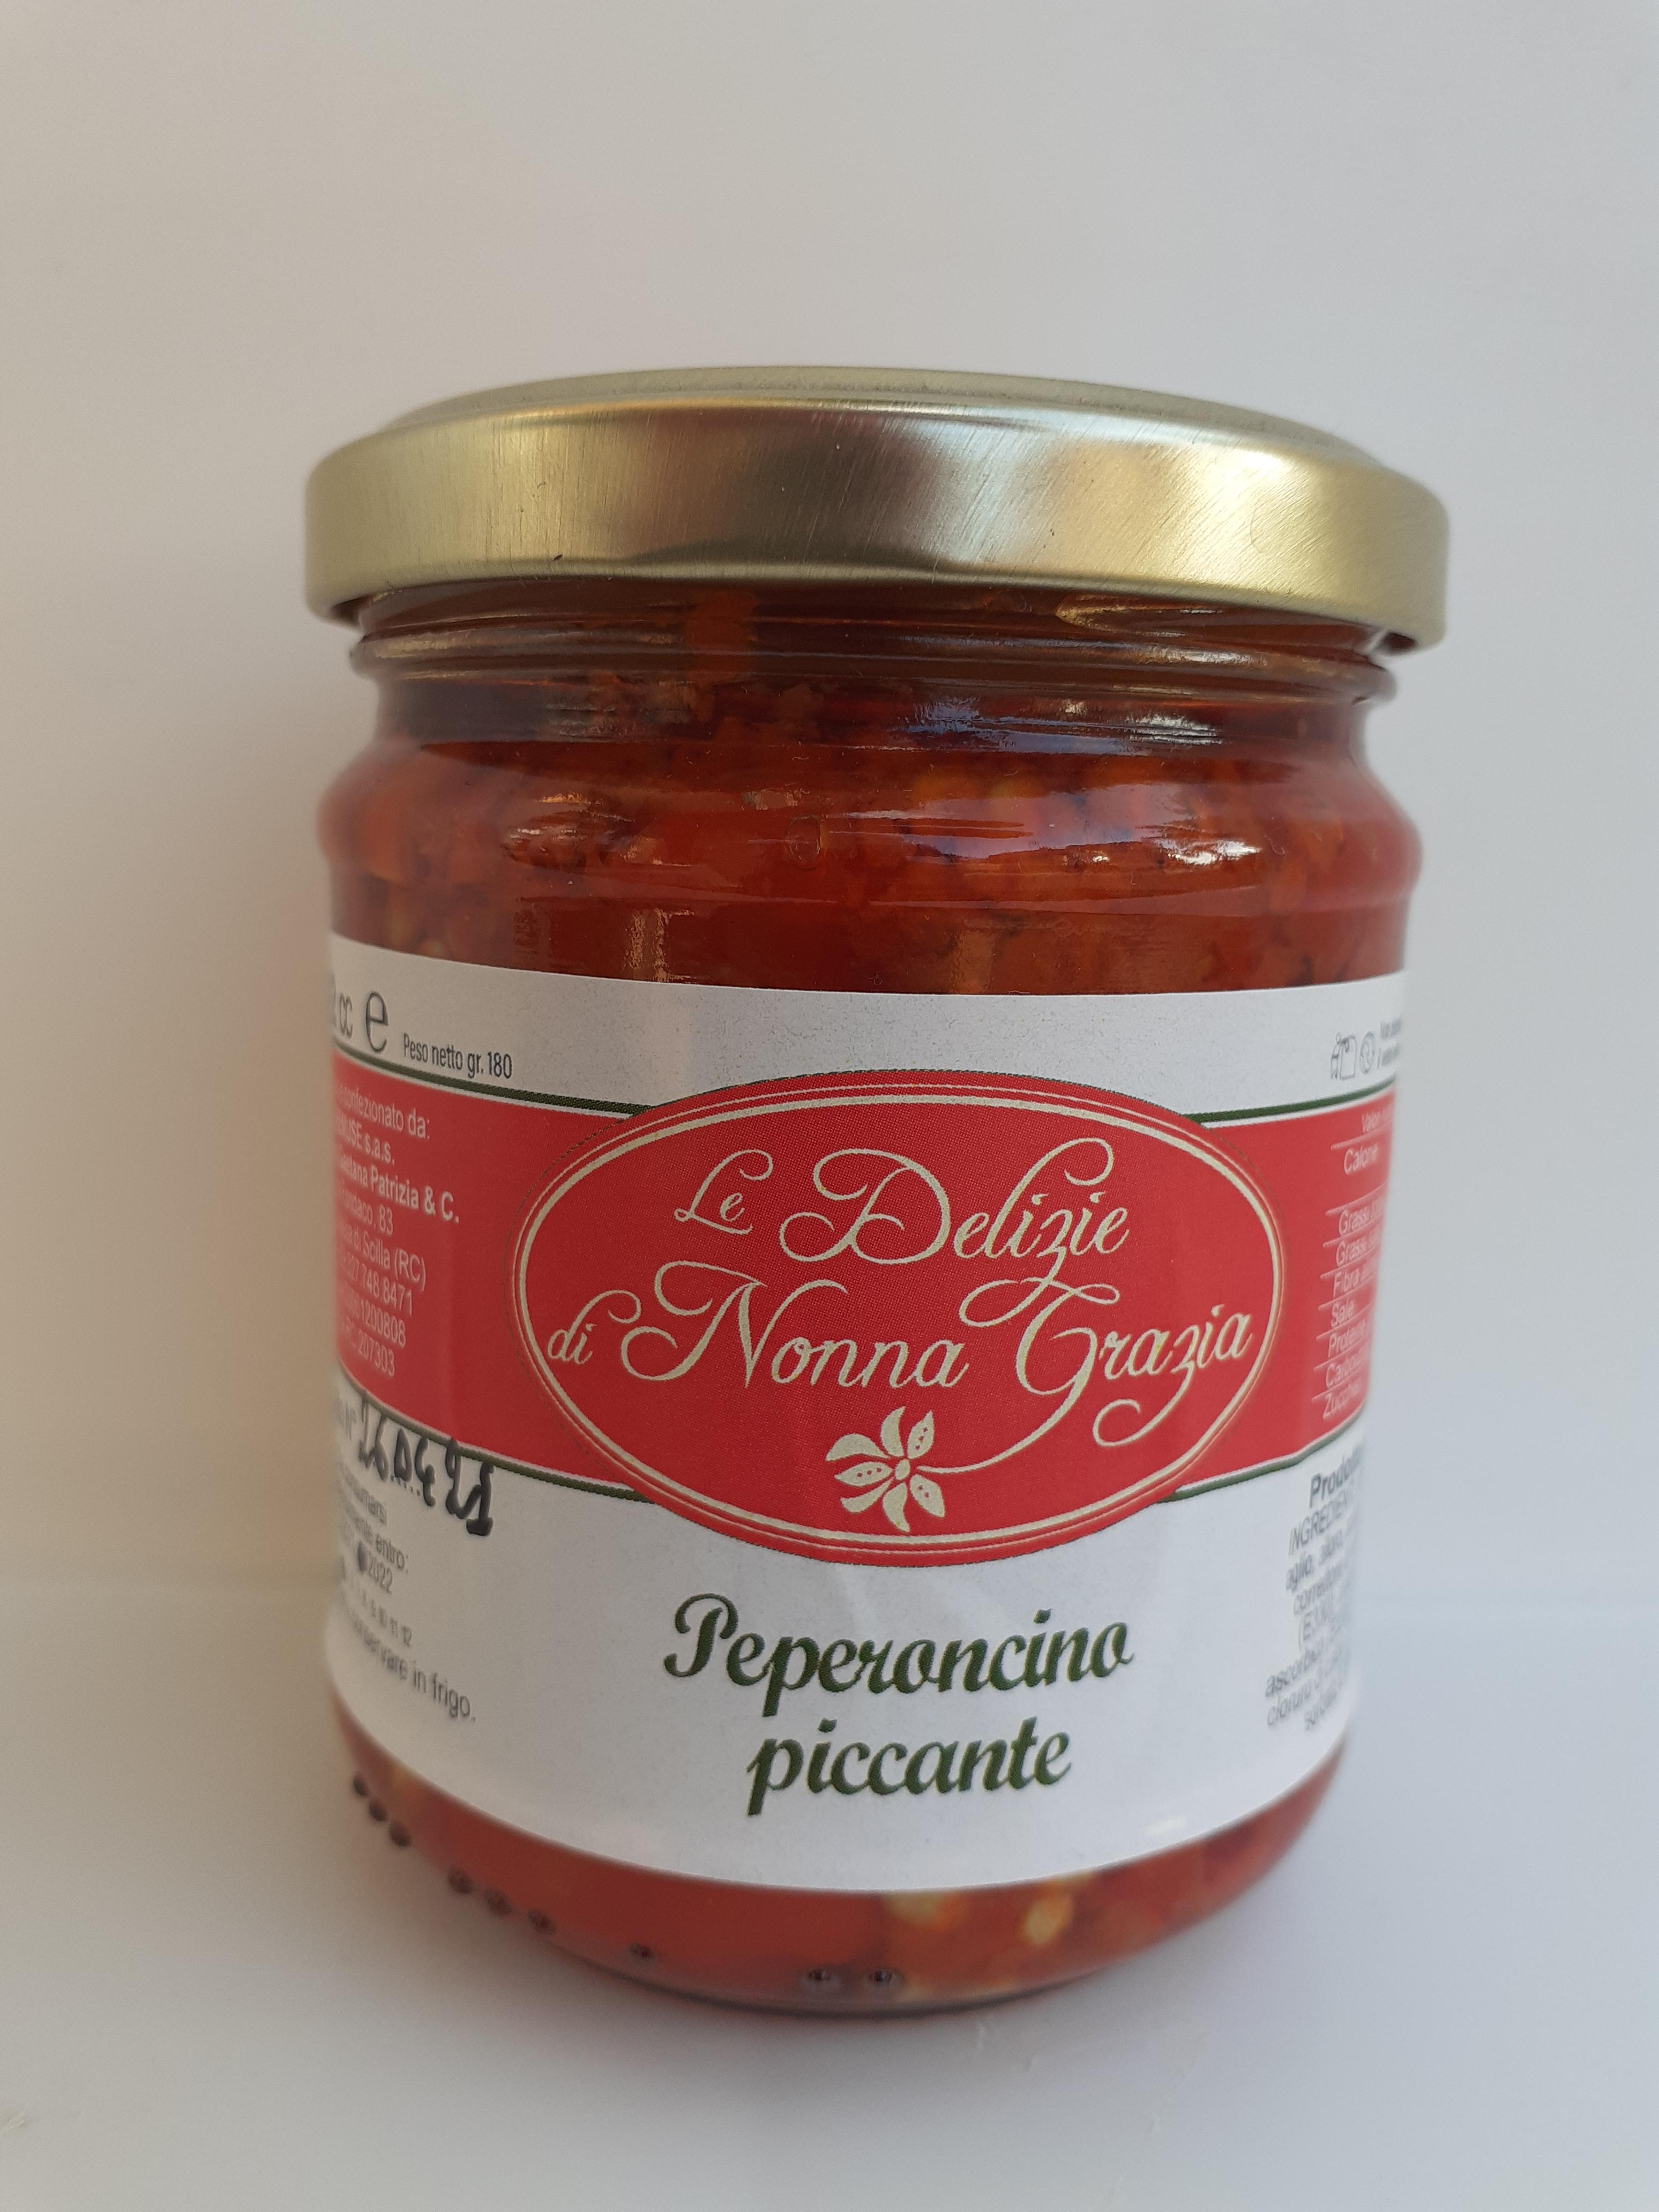 Peperoncino Piccante  in olio Evo Peso netto  gr 180 Azienda Tremuse di Meli di Scilla